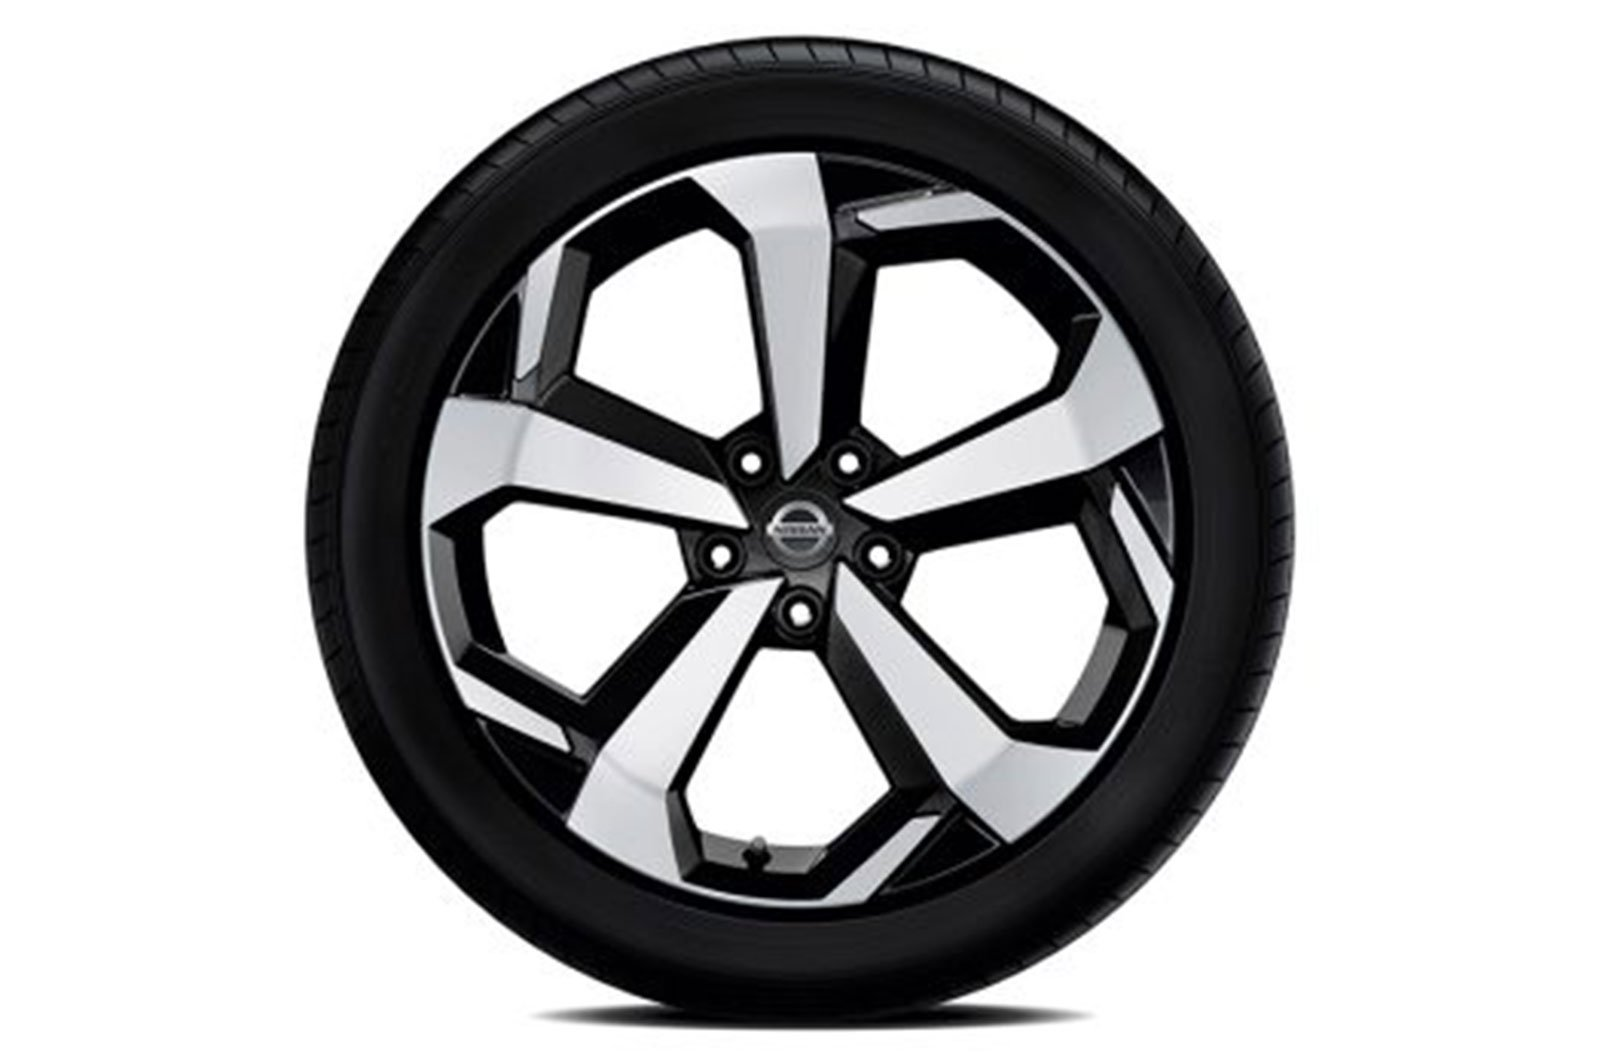 Nissan Juke 19in alloy wheel